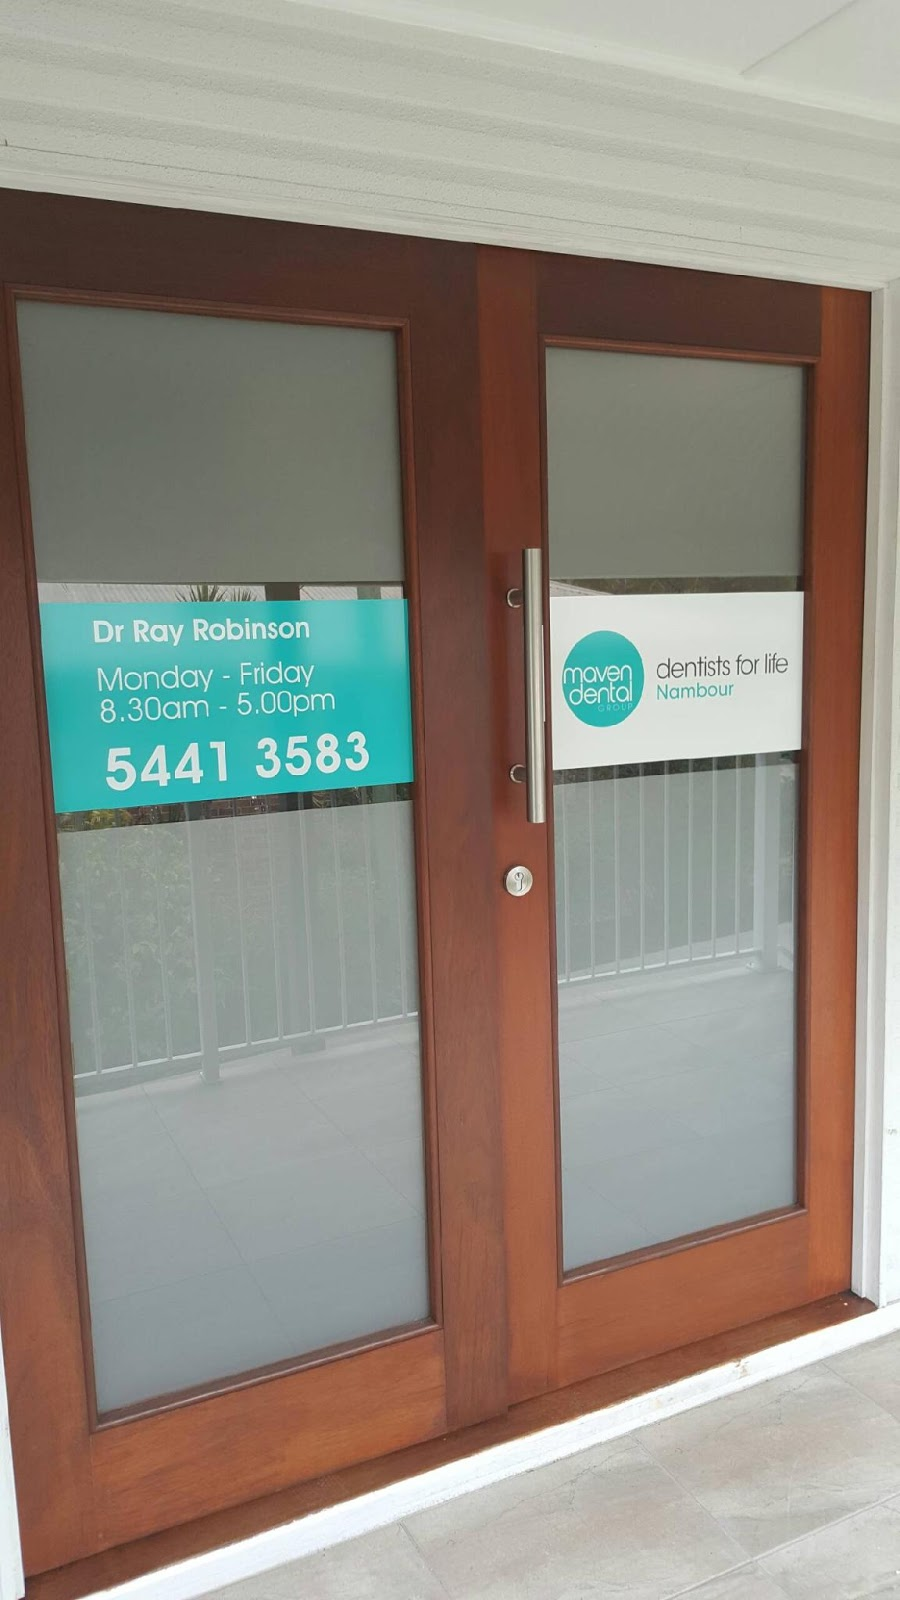 Maven Dental Nambour (formerly Nambour Family Dental) | dentist | 87 Blackall Terrace, Nambour QLD 4560, Australia | 0754413583 OR +61 7 5441 3583